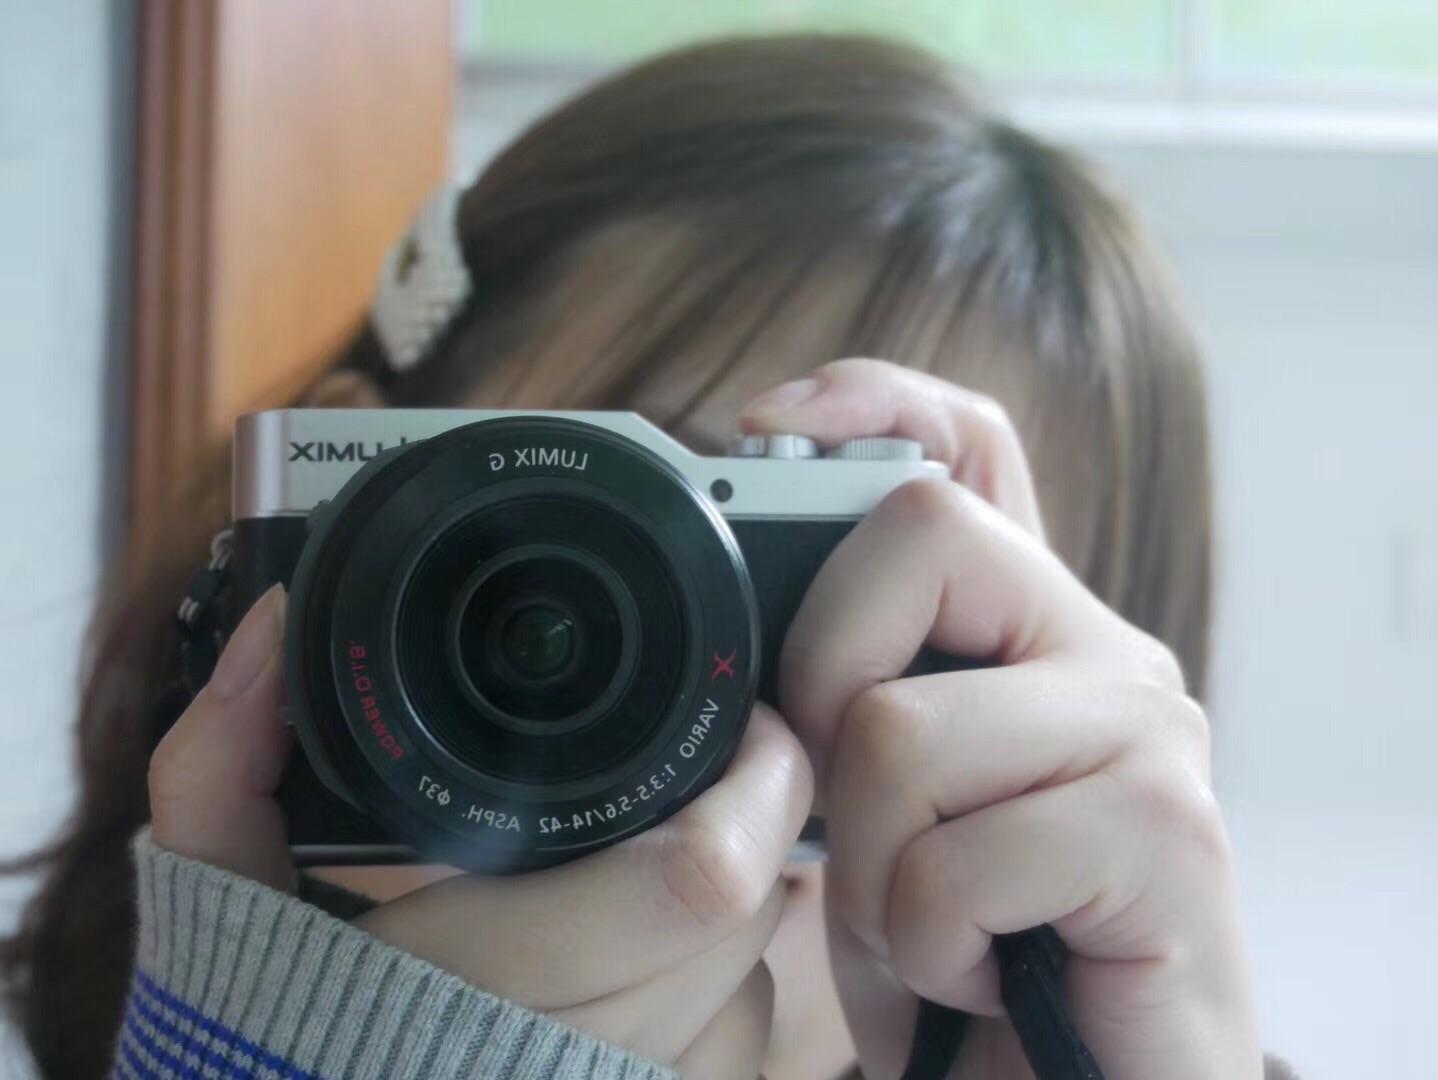 松下GF10X微单相机,送女朋友少女心的自拍礼物